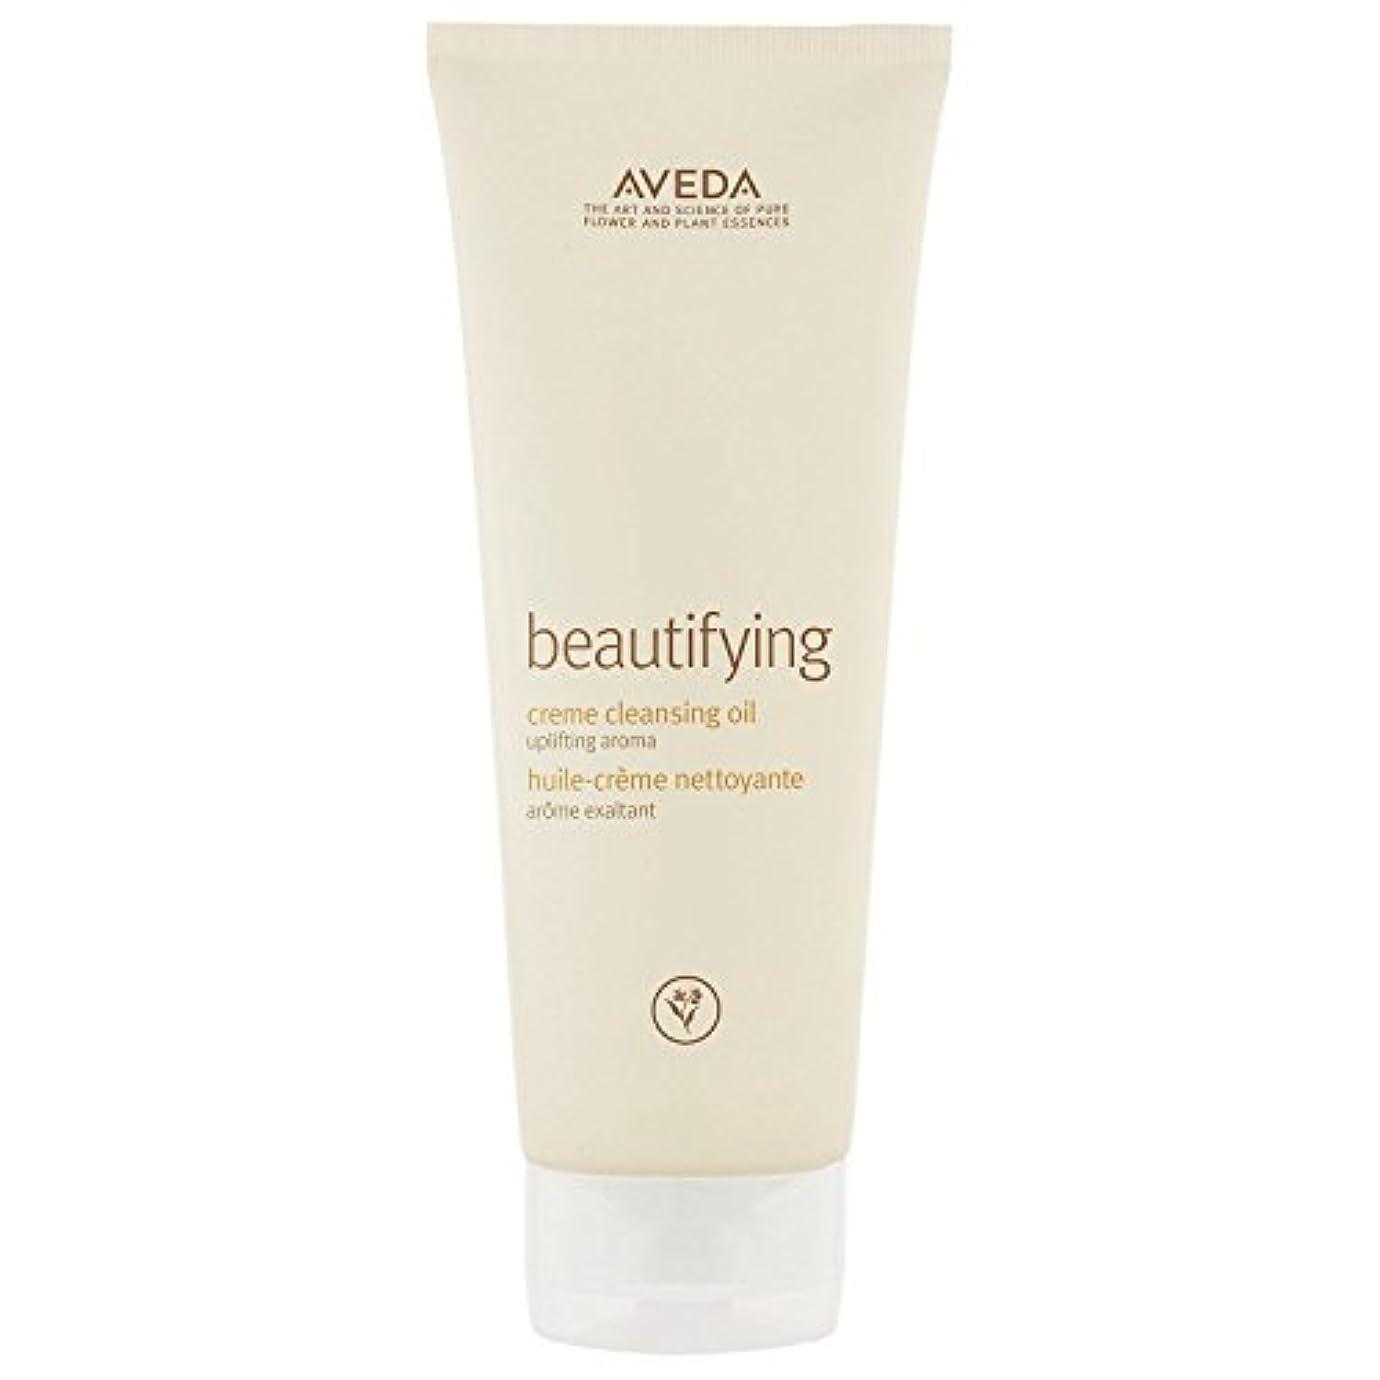 密接に通知つまずく[AVEDA] アヴェダクリームボディクレンザーオイル200ミリリットルを美化 - Aveda Beautifying Cream Body Cleanser Oil 200ml [並行輸入品]